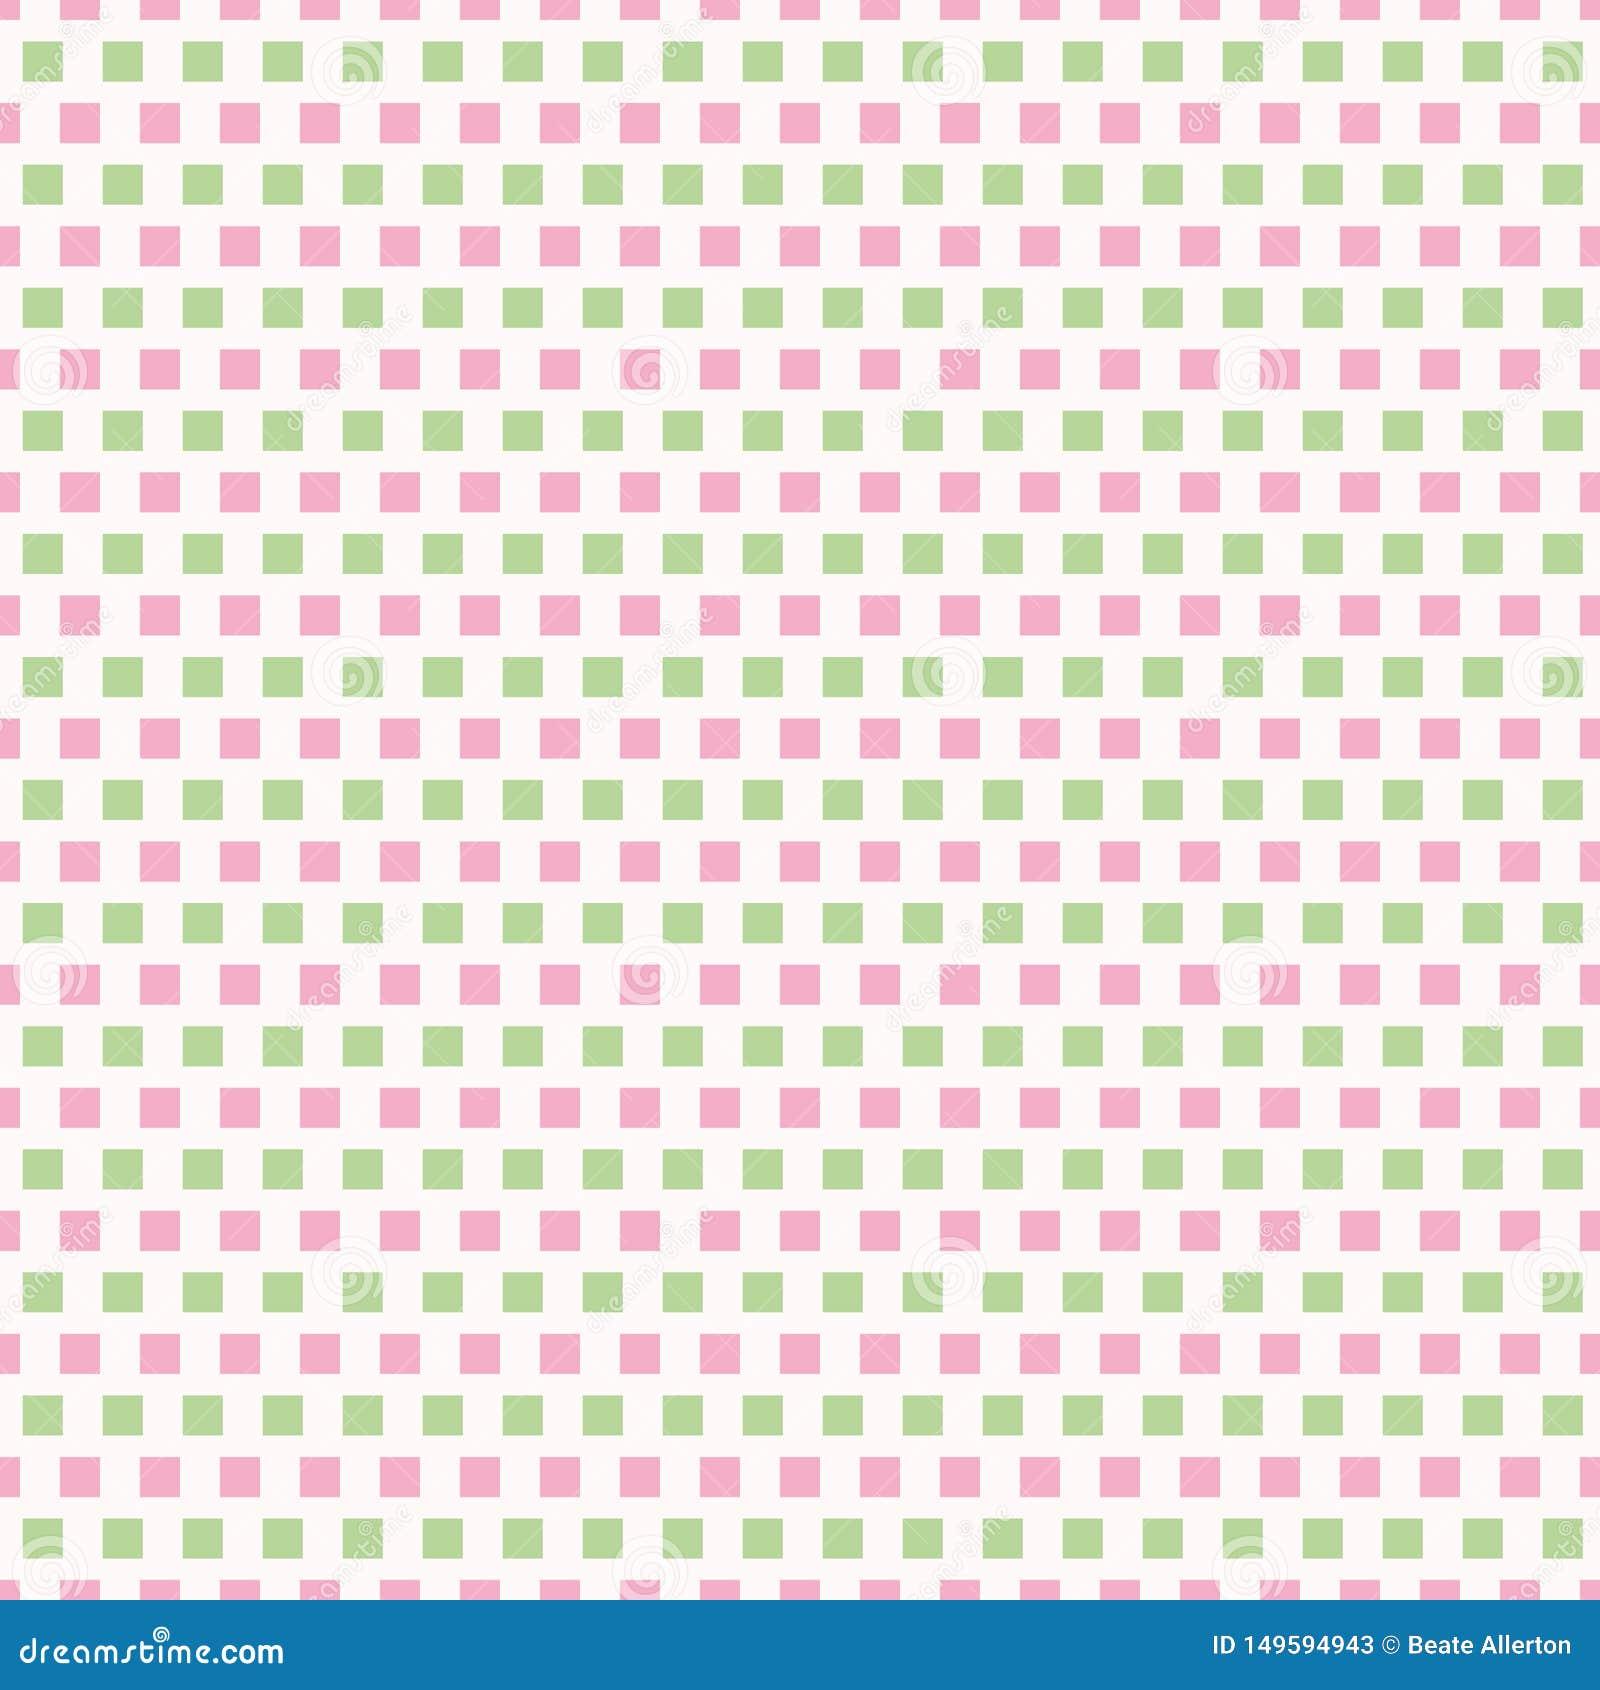 Rose frais et rangées vert clair des places dans la conception de répétition de brique Modèle géométrique sans couture de vecteur